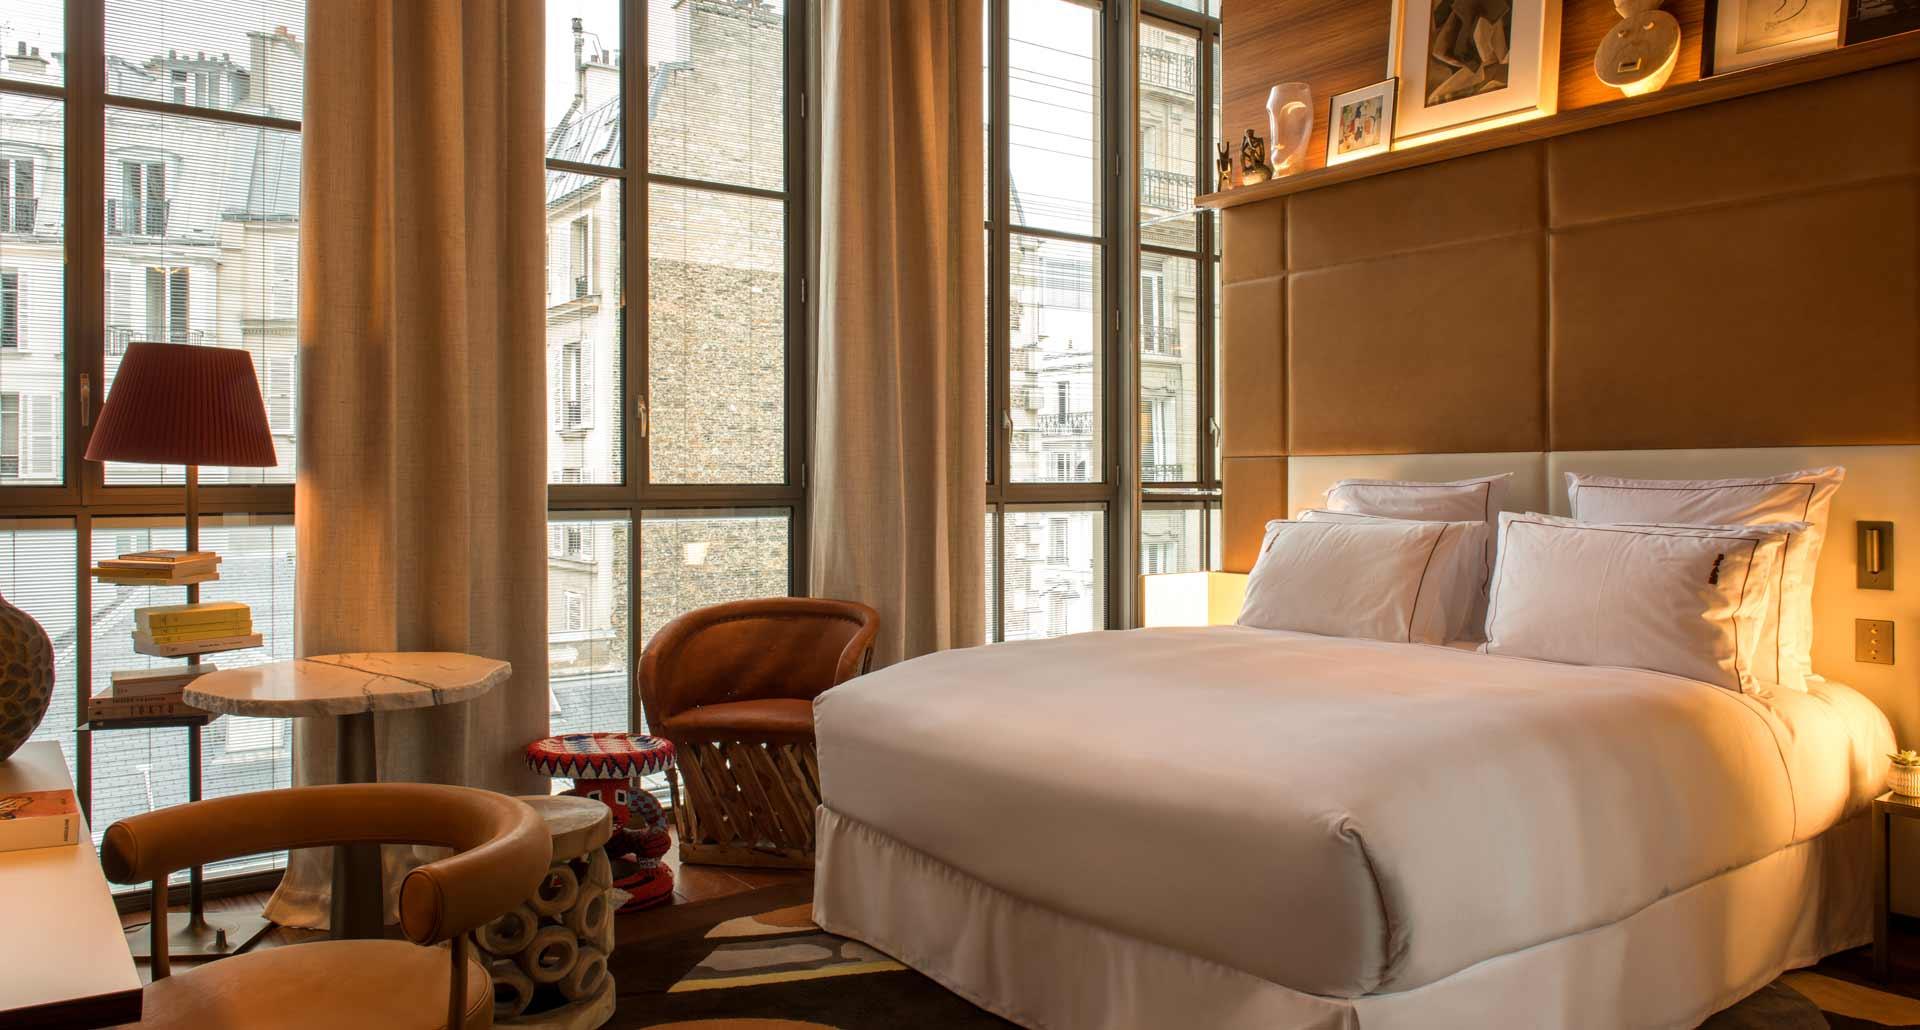 Hotel Brach - boutique hotel in Paris